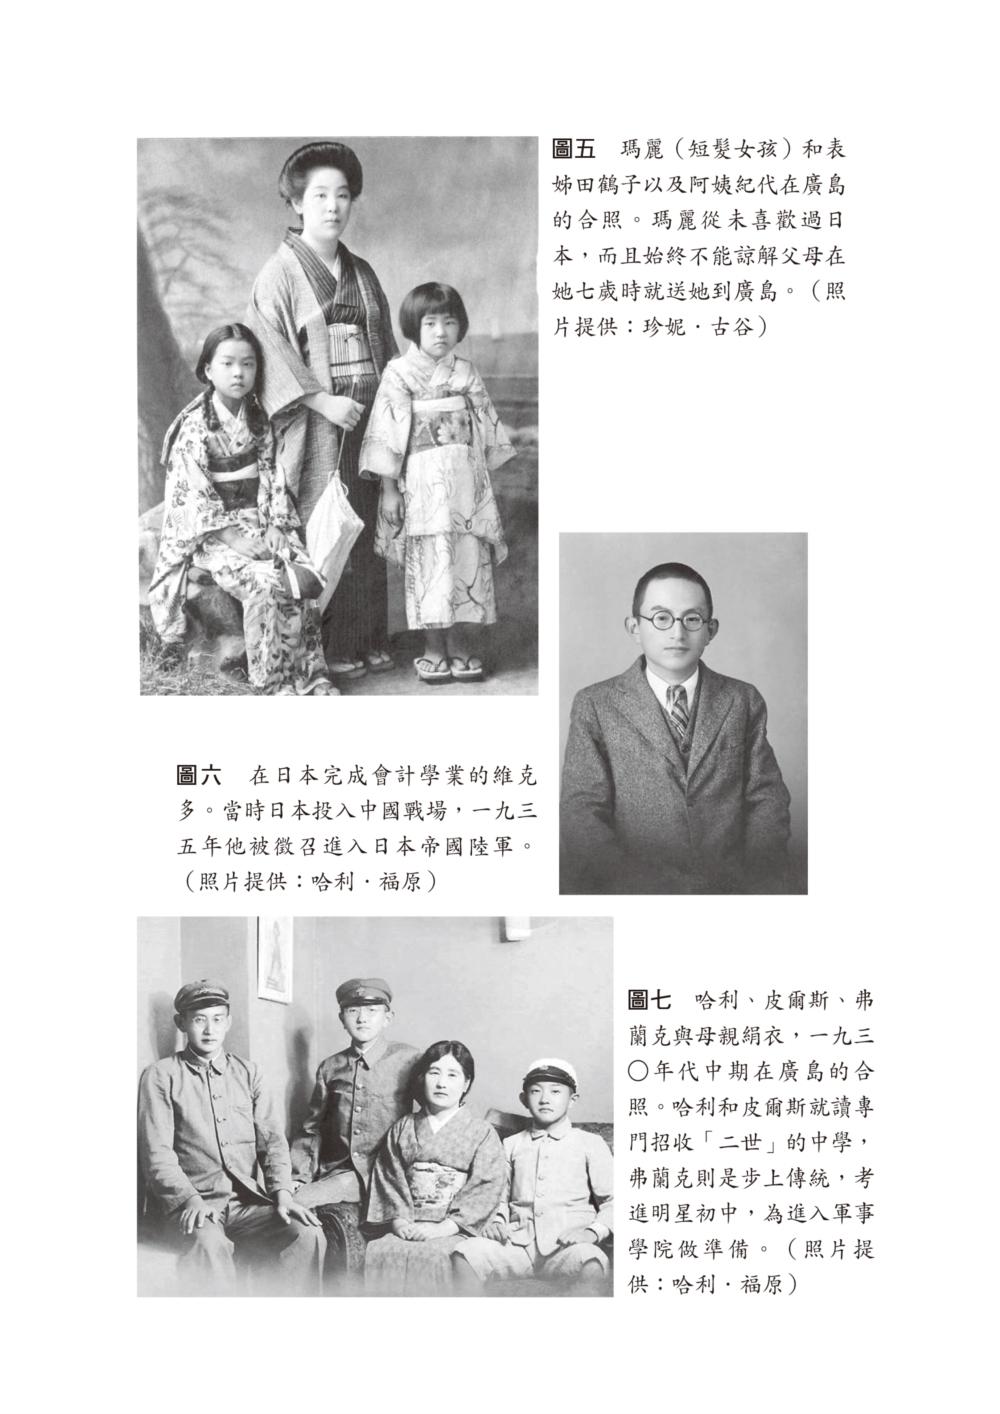 http://im1.book.com.tw/image/getImage?i=http://www.books.com.tw/img/001/076/02/0010760204_b_04.jpg&v=597c0c7c&w=655&h=609